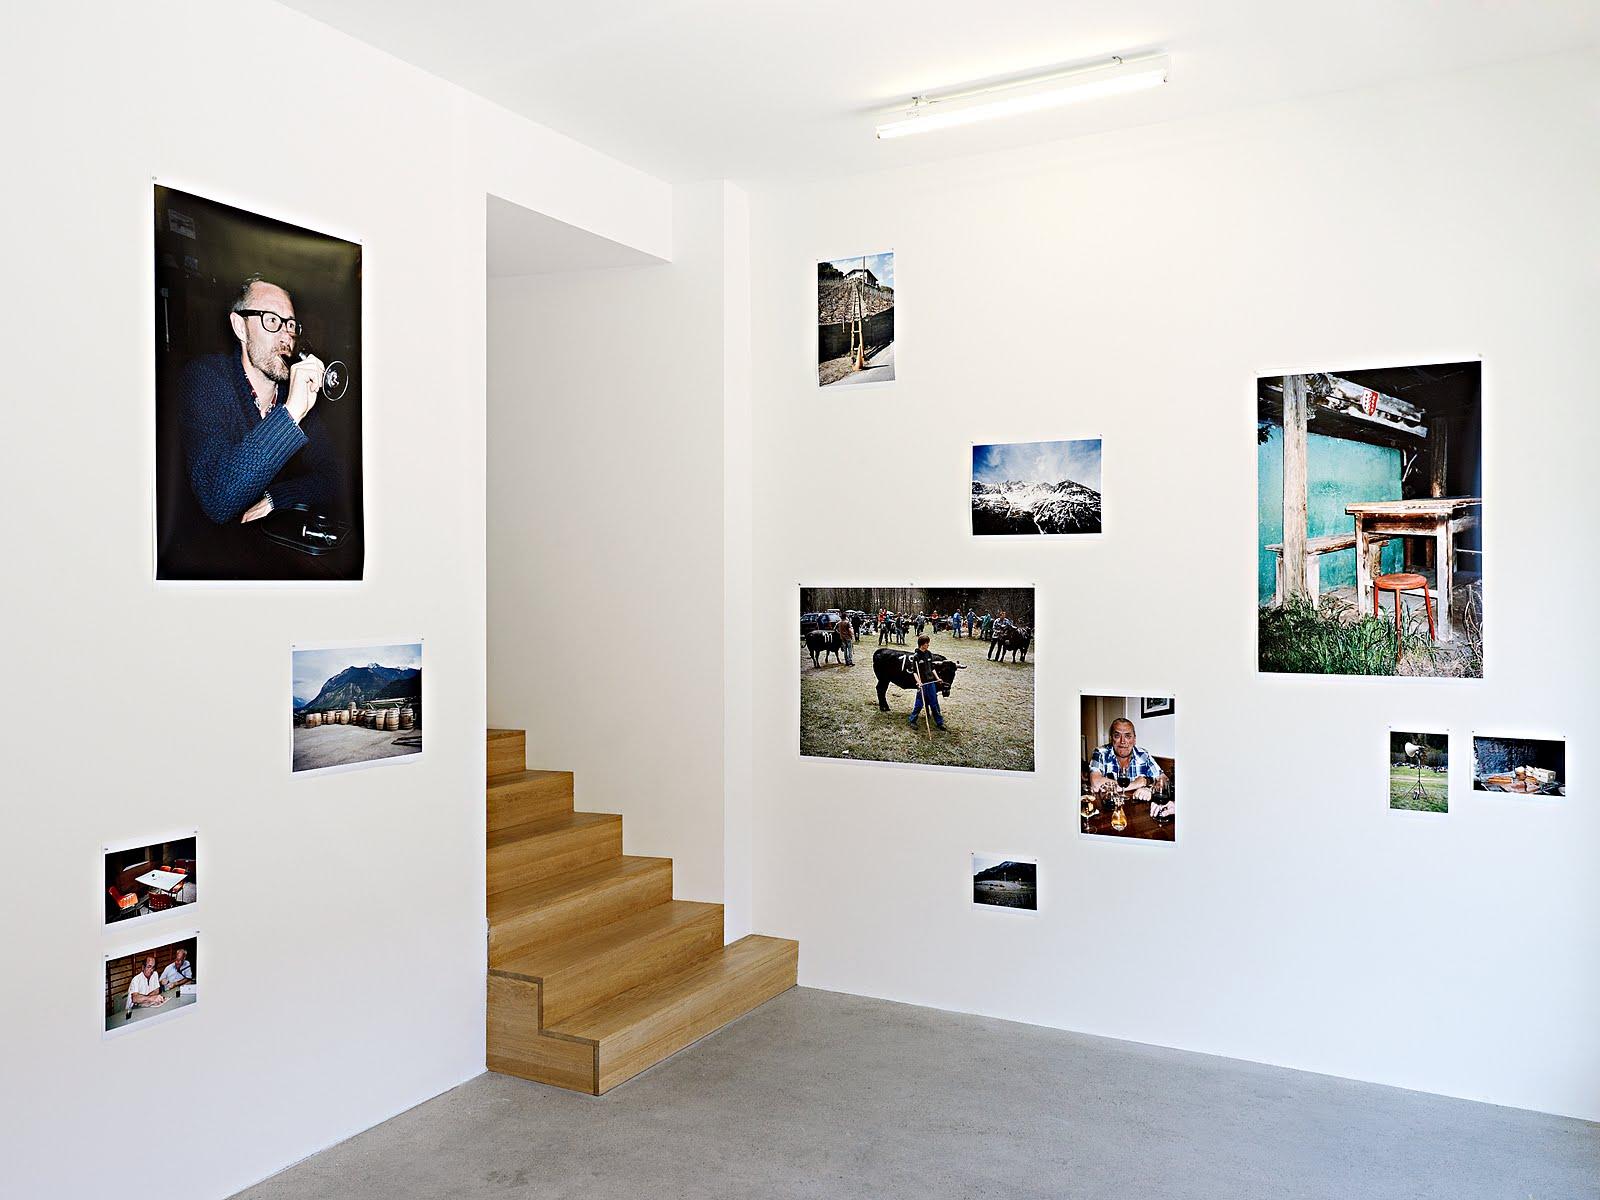 espacechallens13 rouge blanc vues d 39 exposition. Black Bedroom Furniture Sets. Home Design Ideas